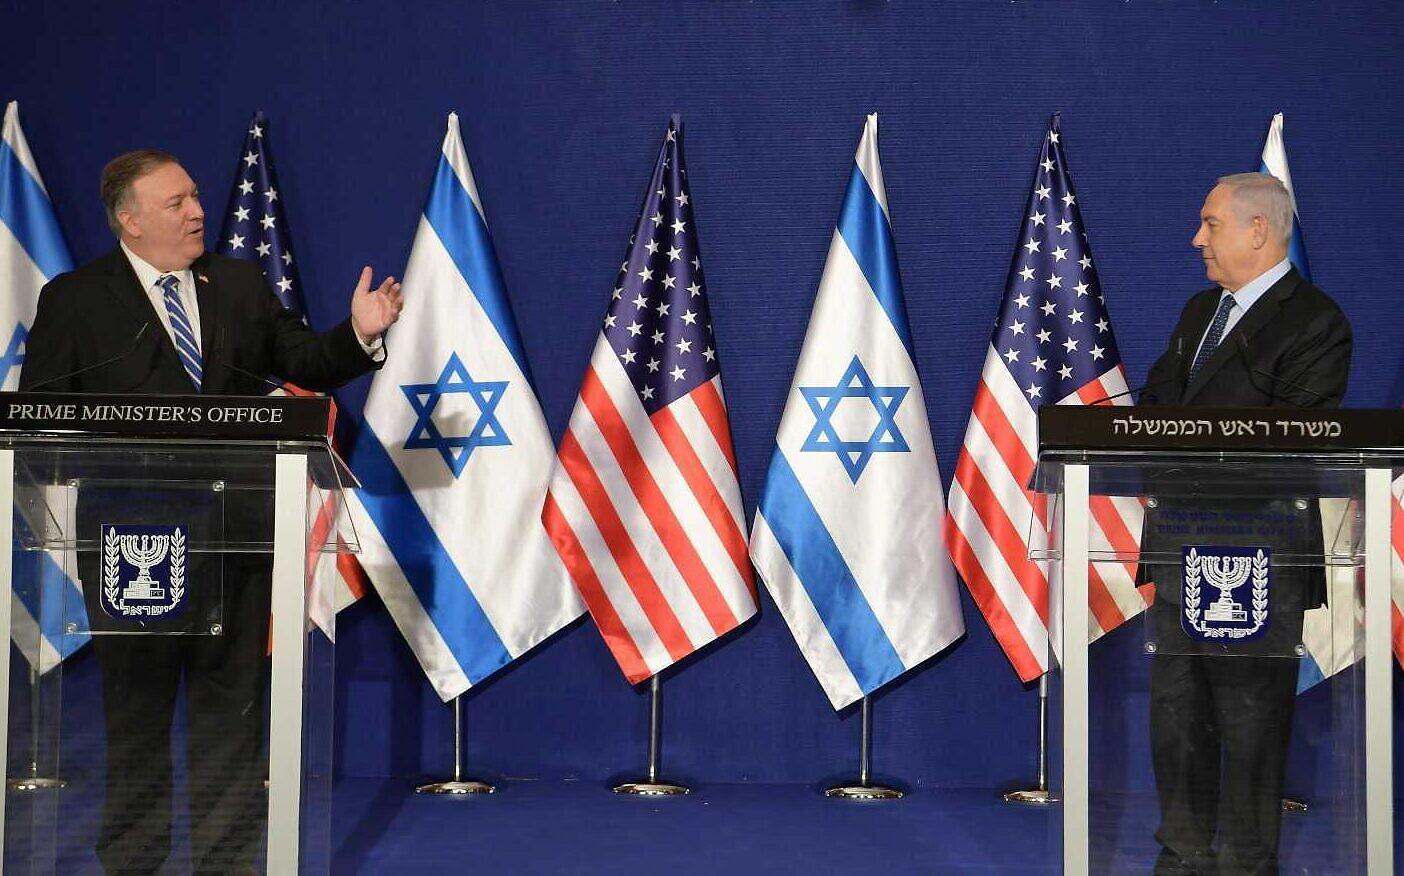 US To Designate BDS Movement As Anti-Semitic: Pompeo